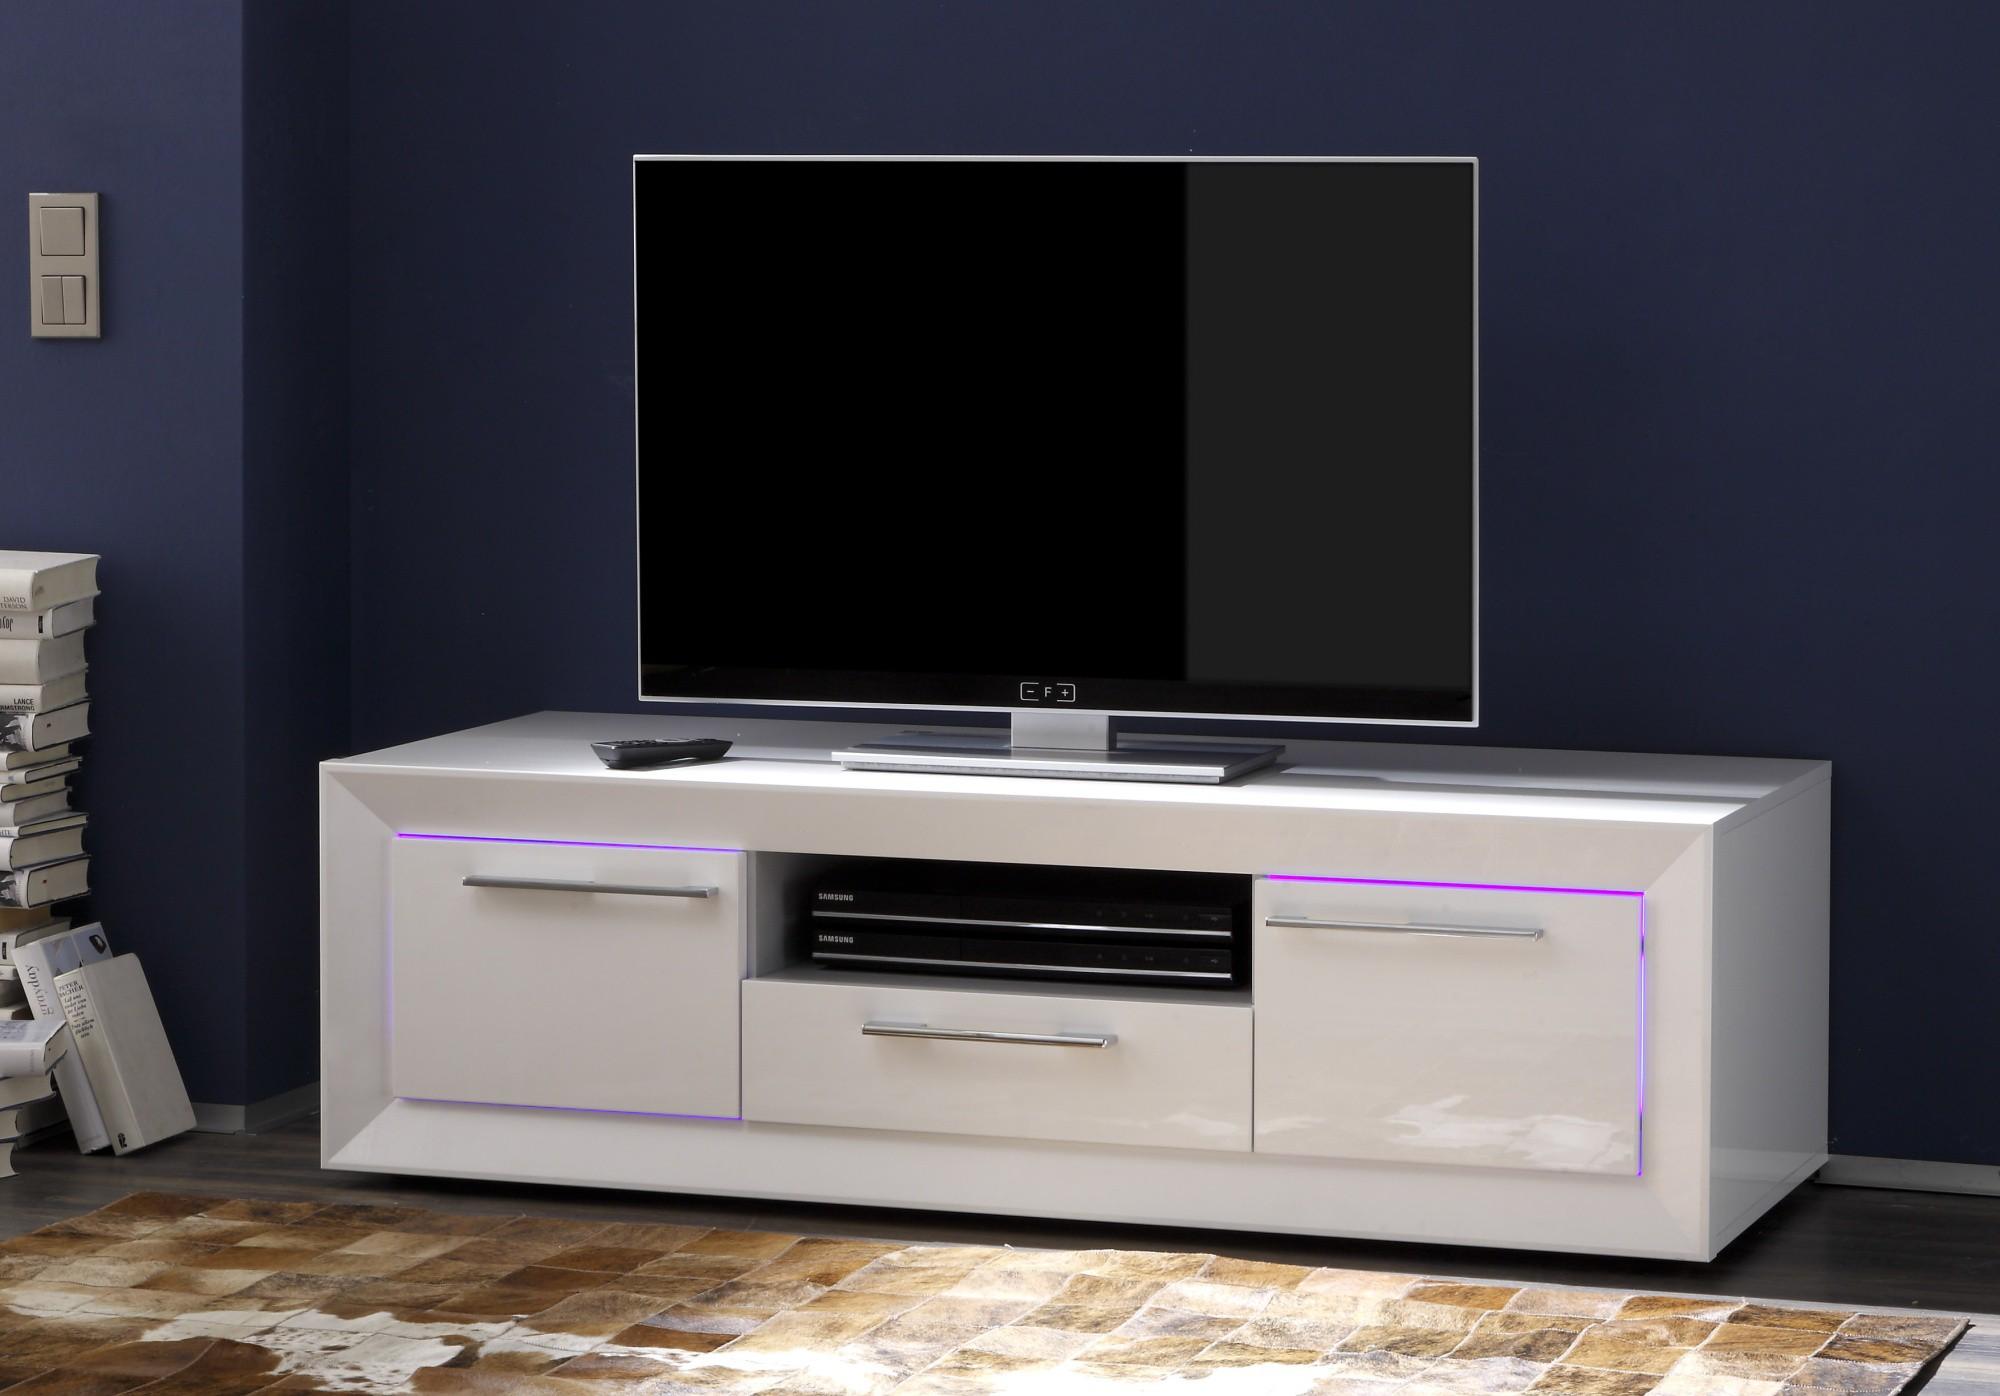 Banc tv hifi